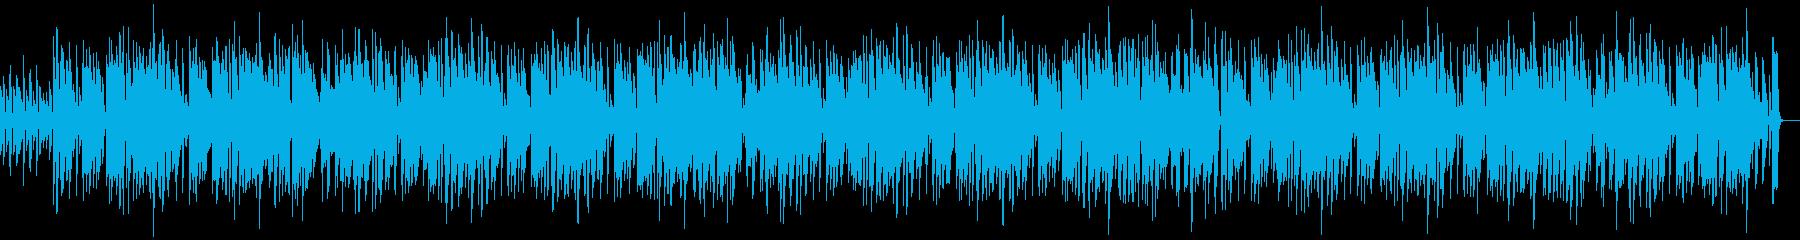 ピアノの明るく陽気なBGM OP ポップの再生済みの波形